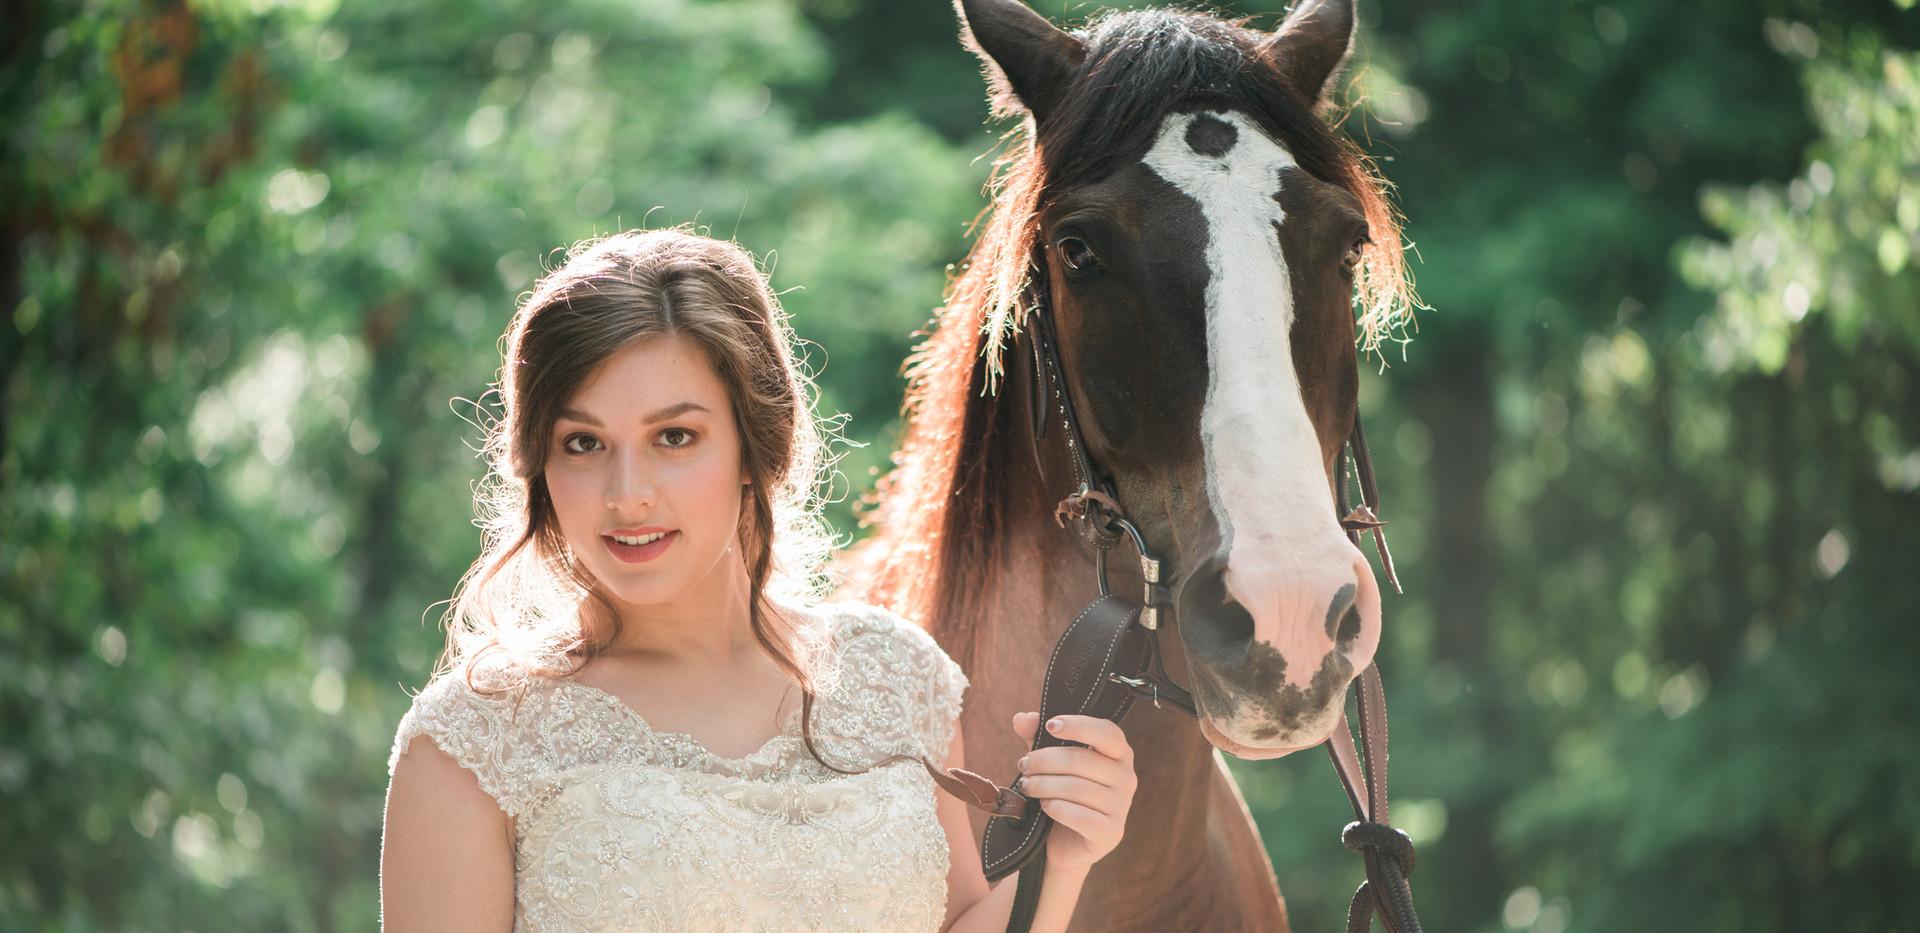 Bridal Makeup Maryland